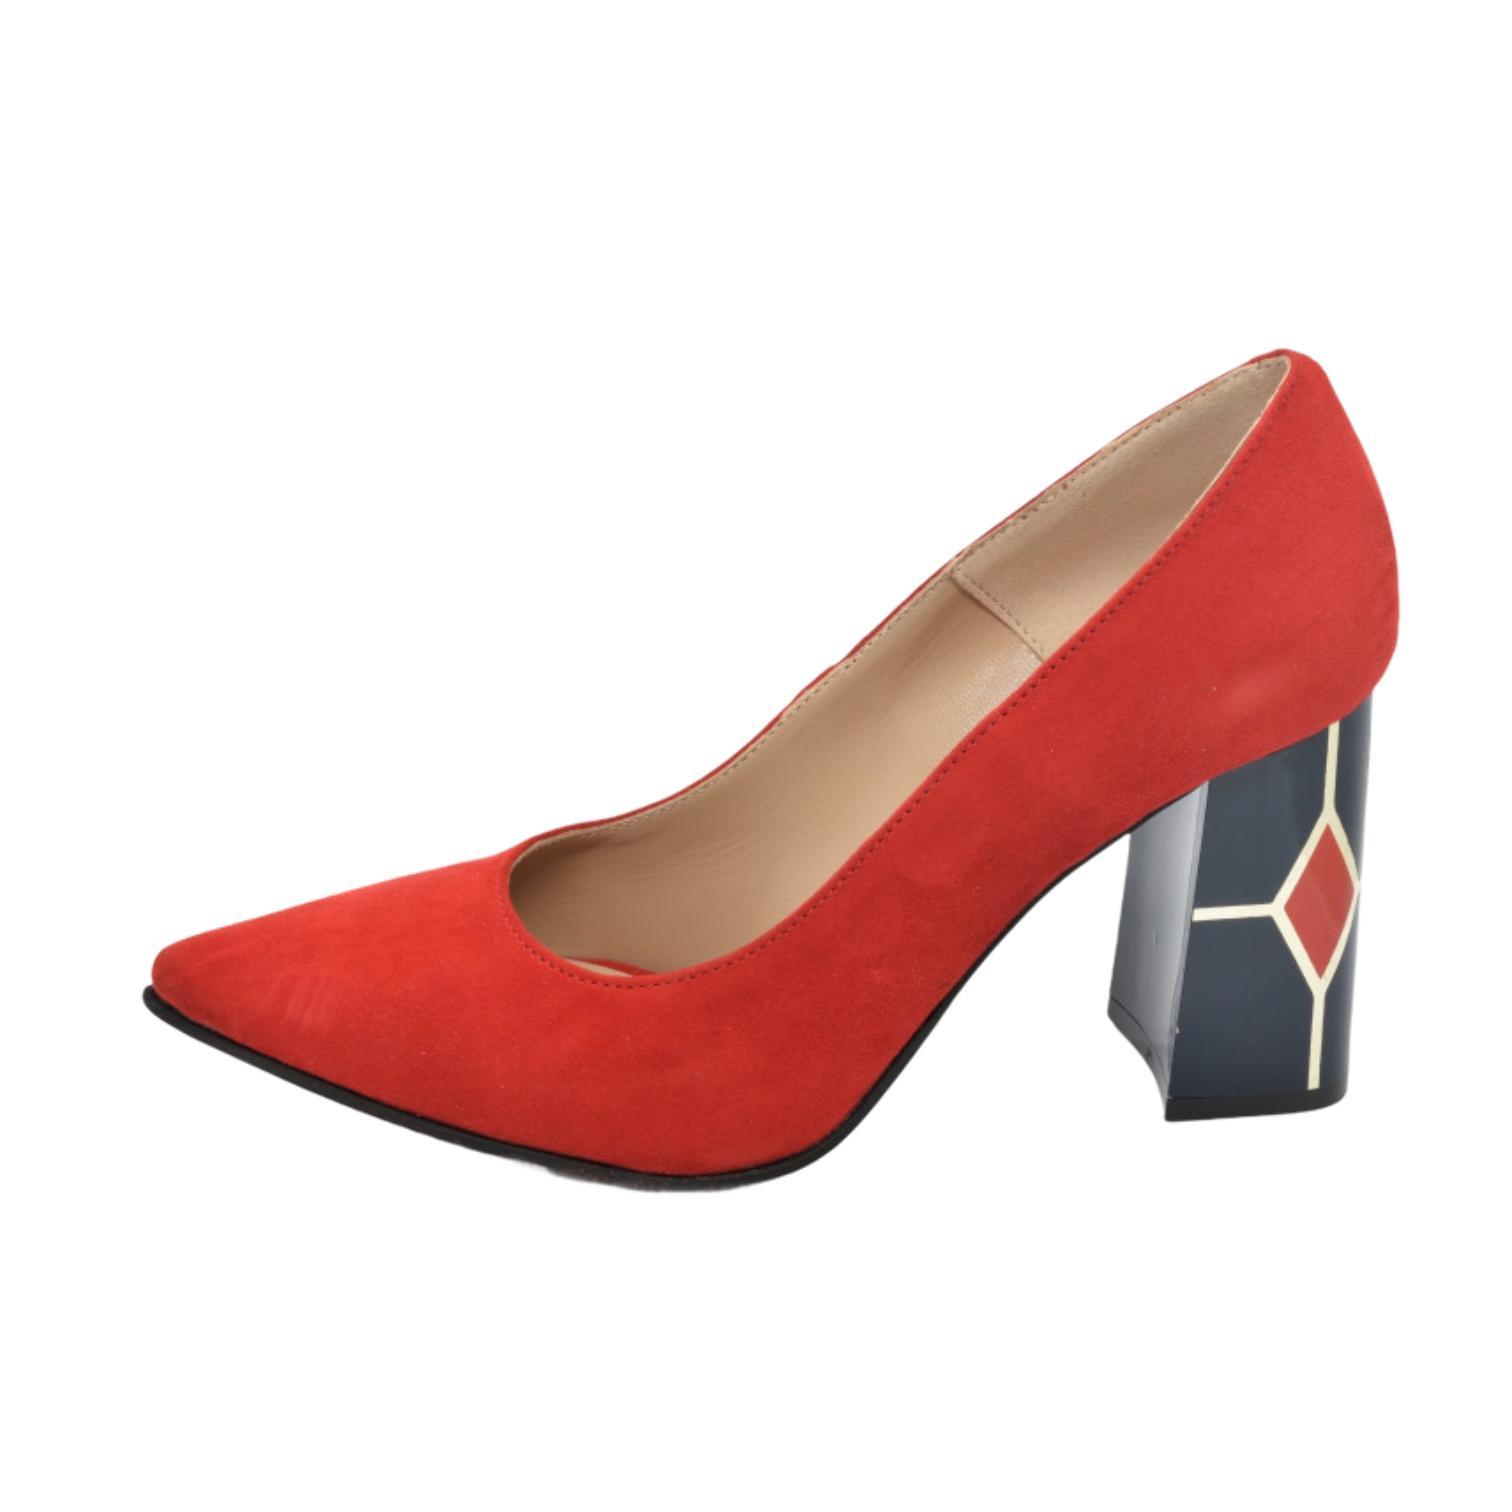 Pantofi rosii cu toc cu model